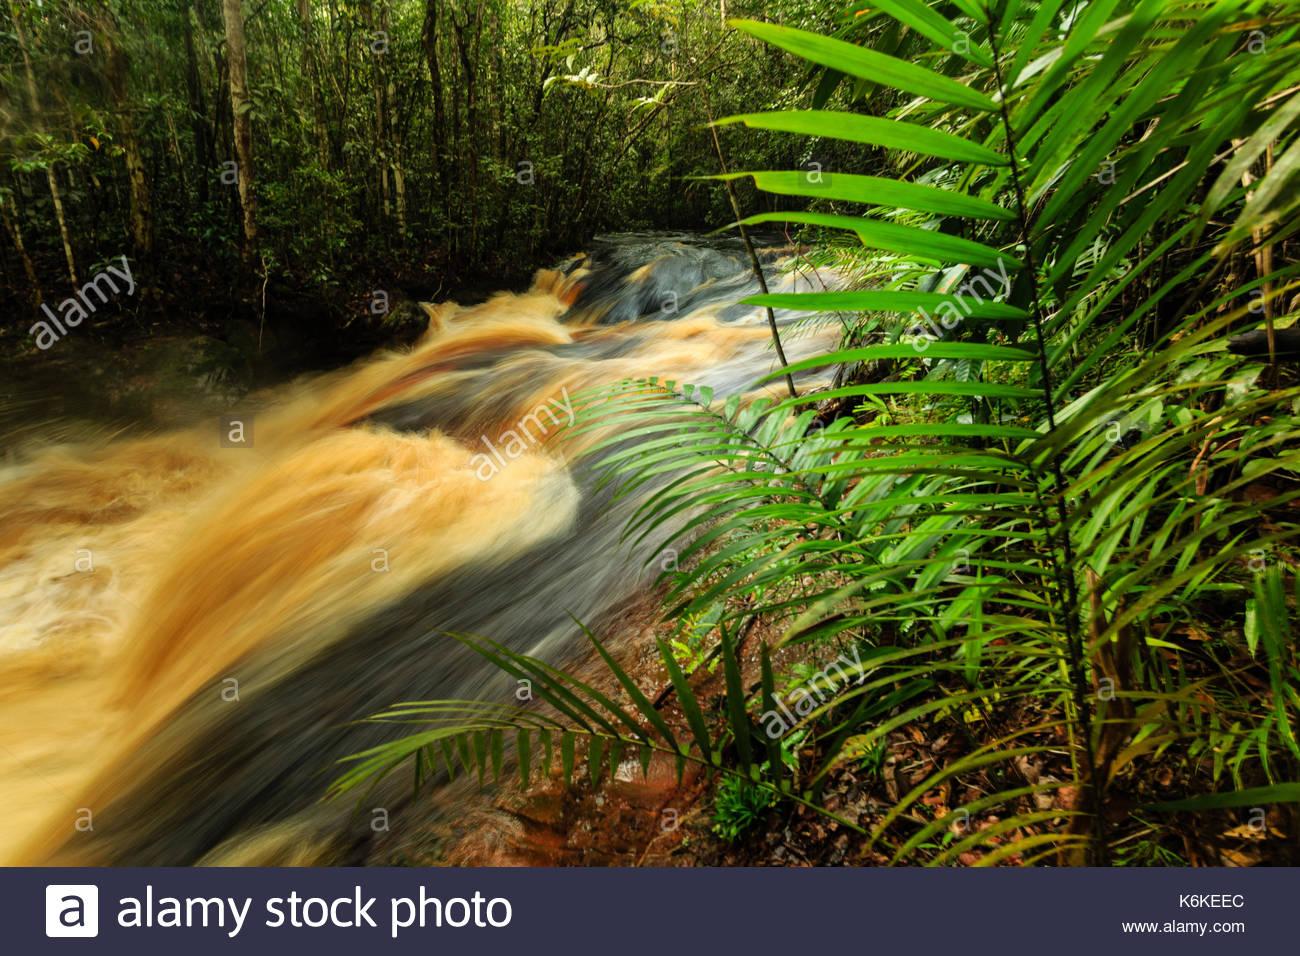 Jau National Park, Amazonas, Brazil - Stock Image